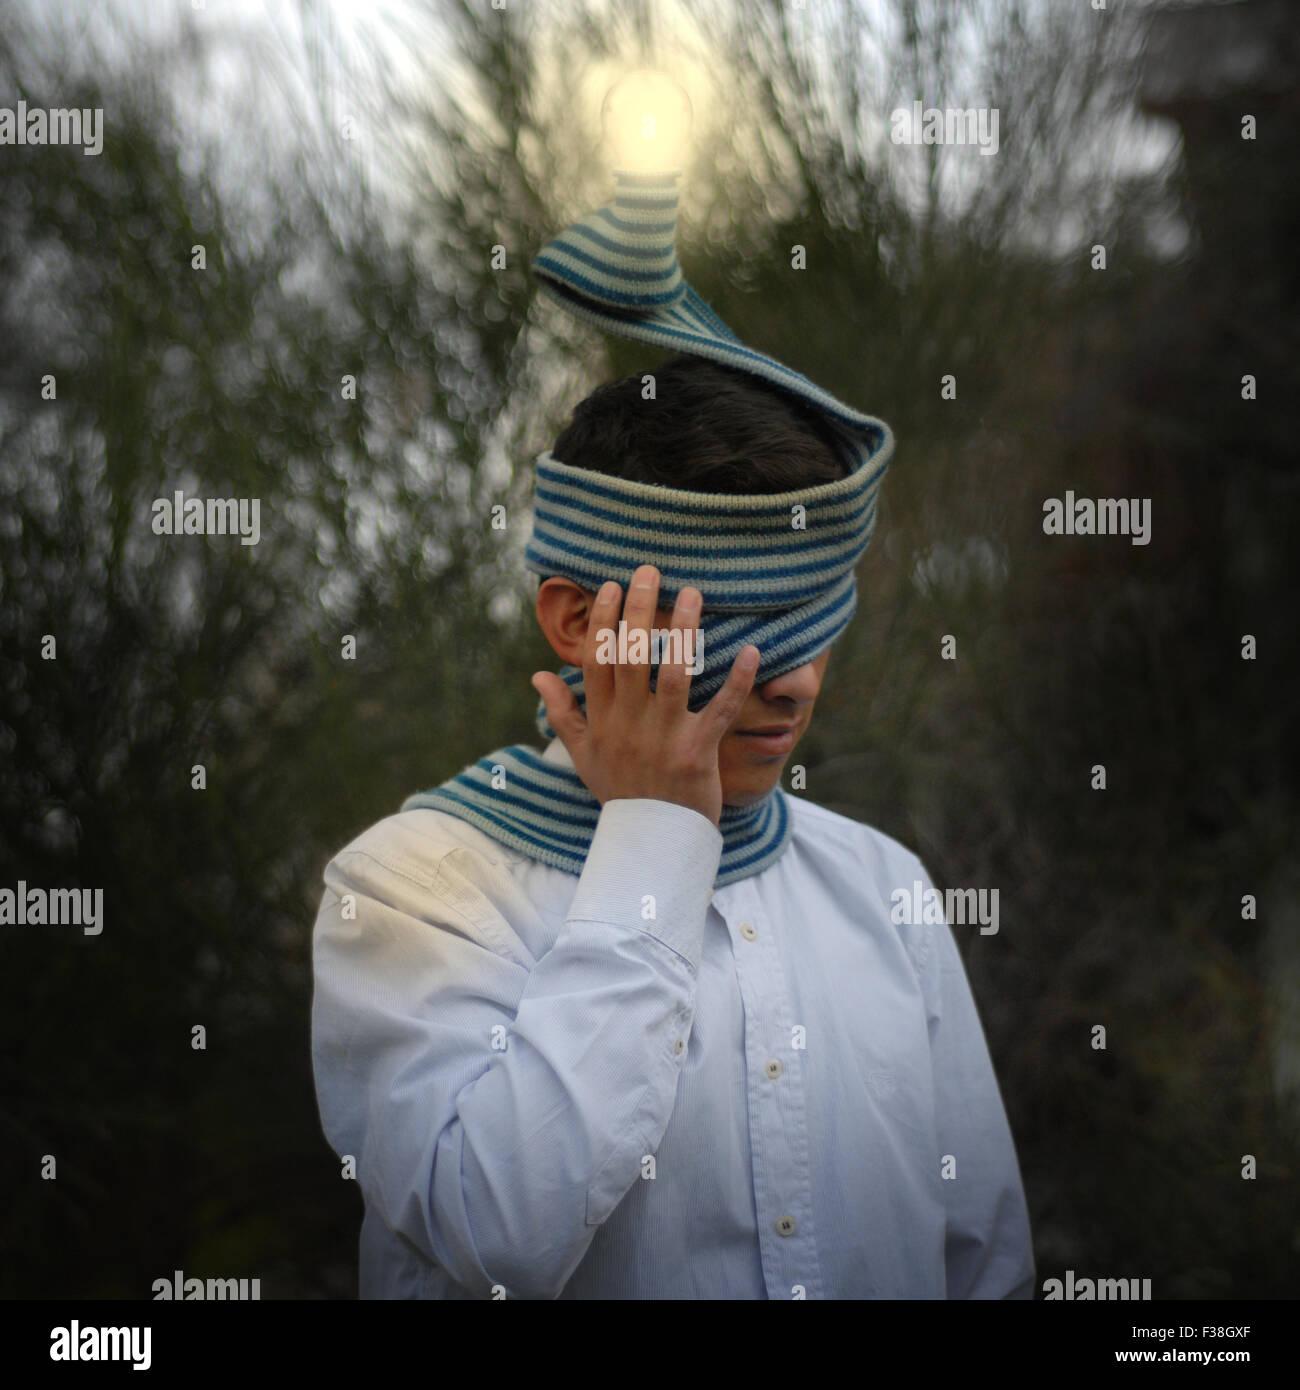 Junge mit Gesicht mit einem blauen Schal und einem beleuchteten Fokus versteckt Stockfoto